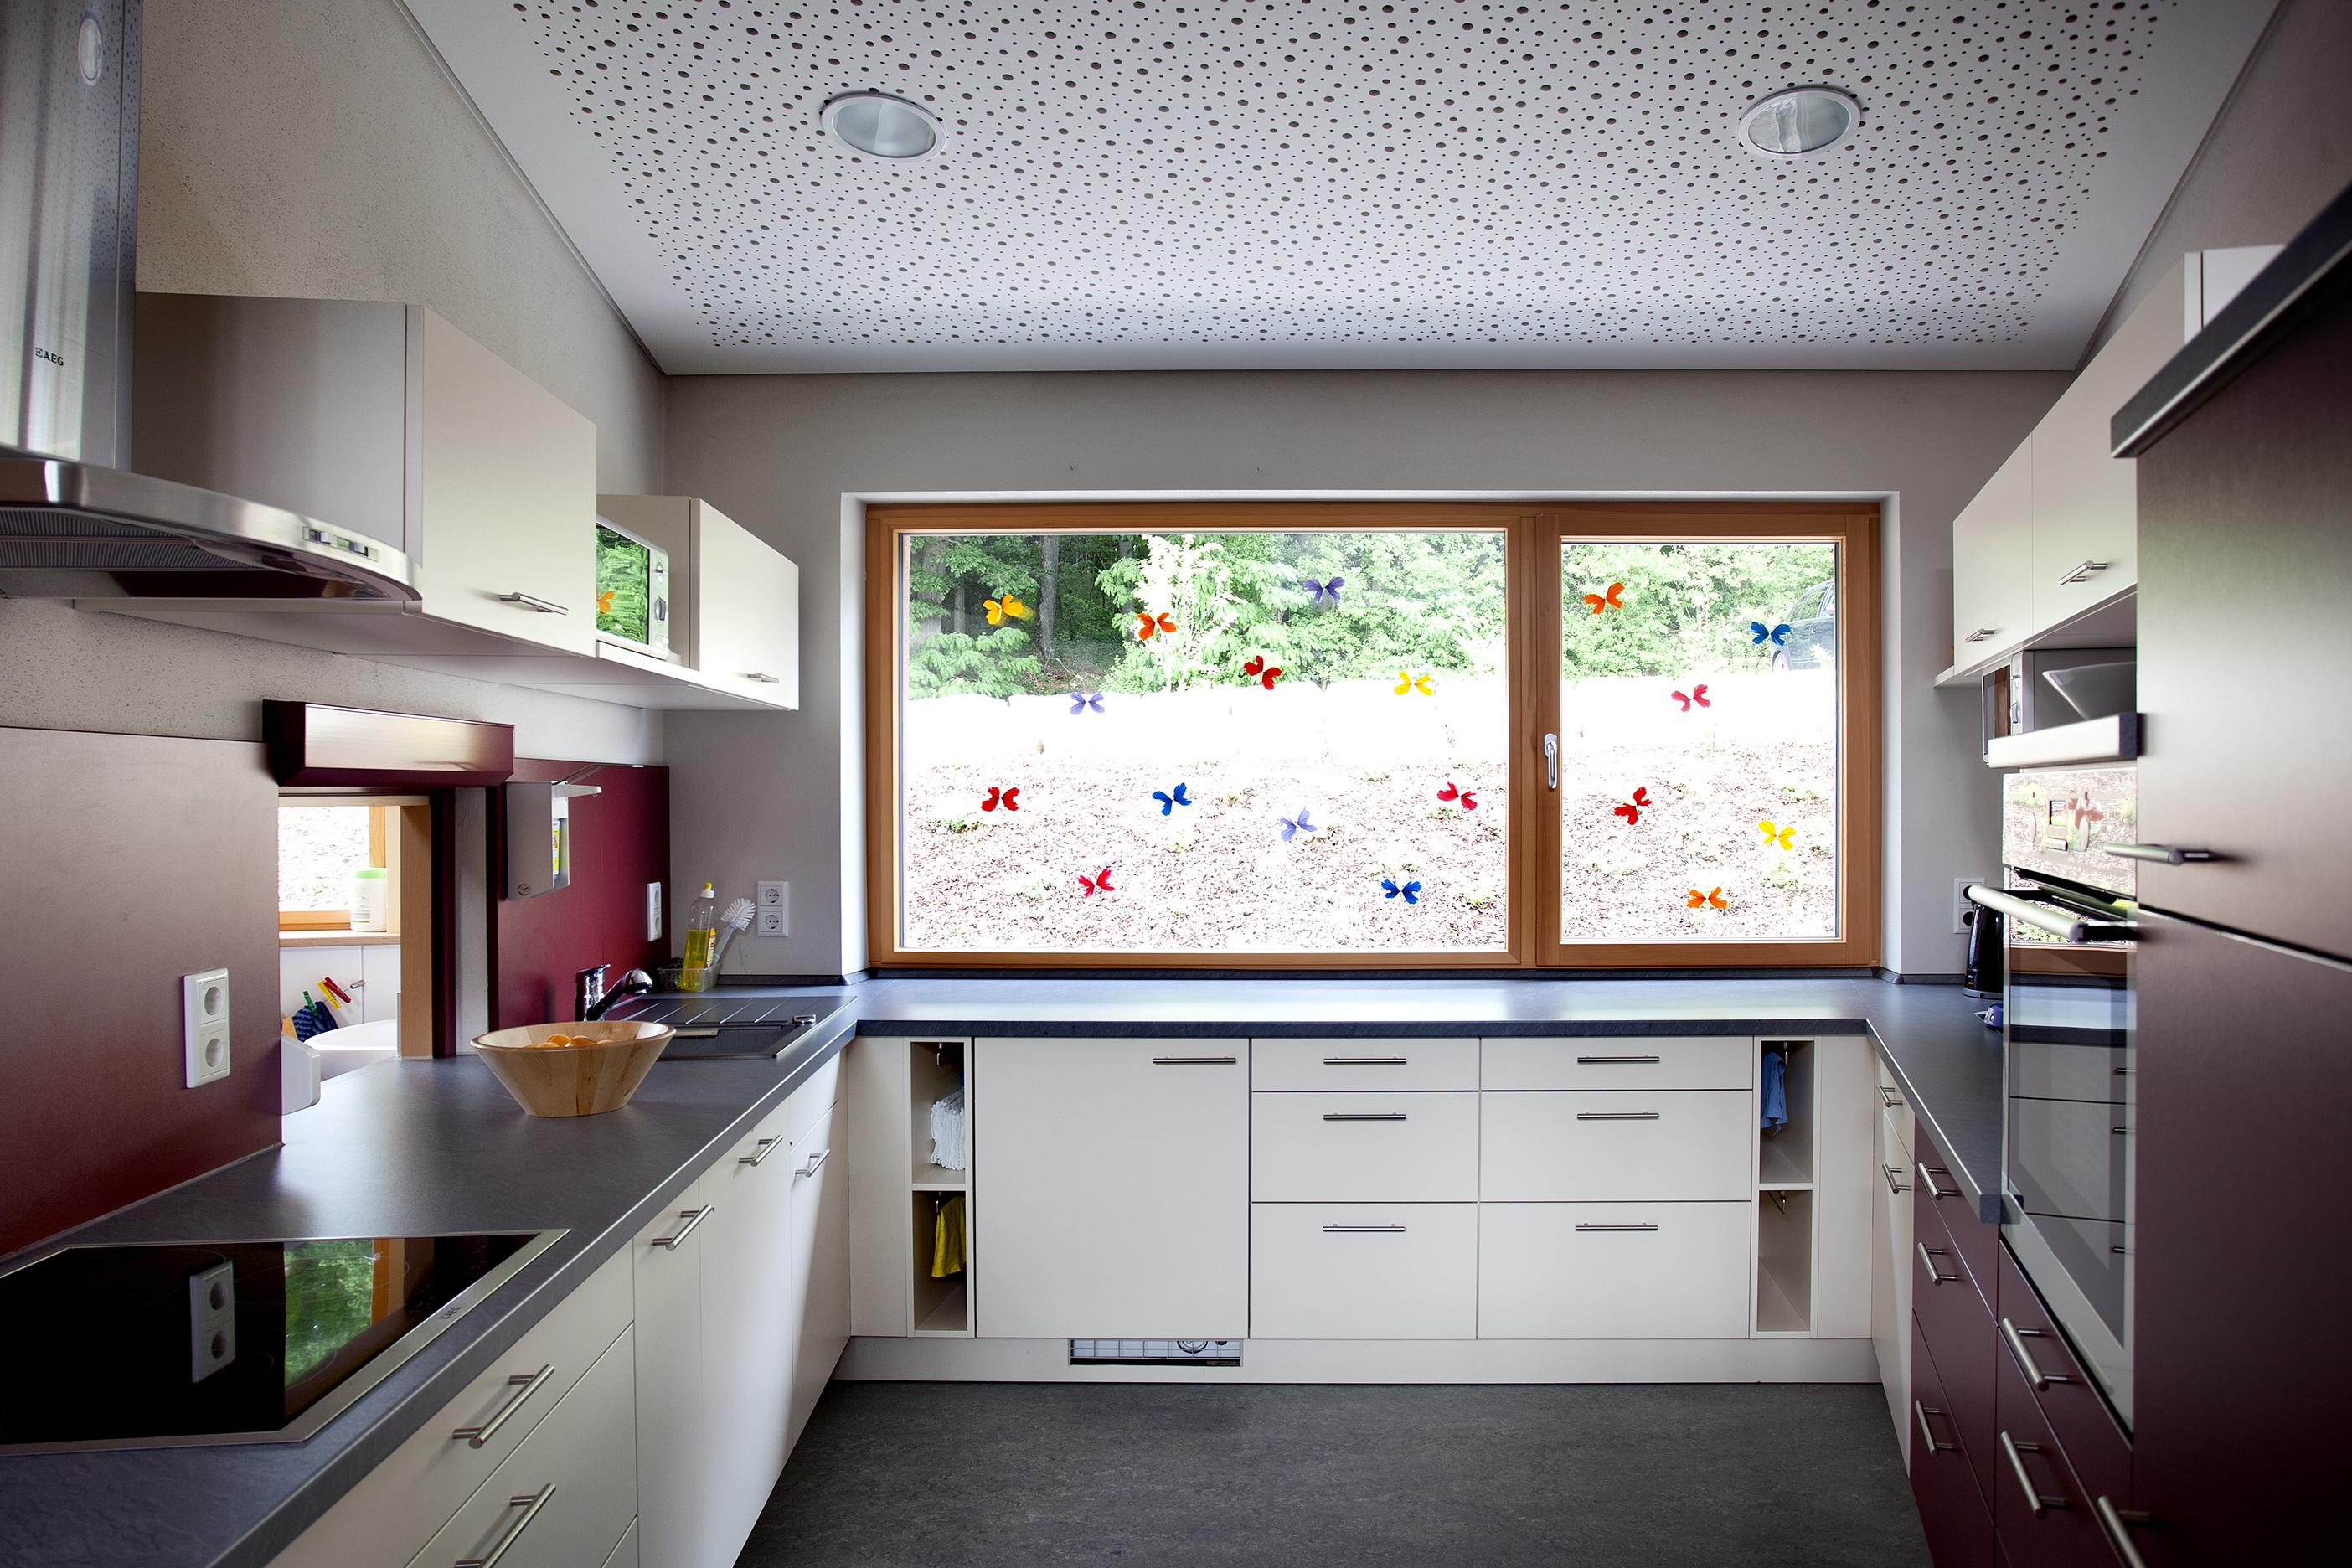 Holzfenster modern  Holz-Fenster | Glas Rapp - Duschkabinen, Glastüren, Glasvordächer ...